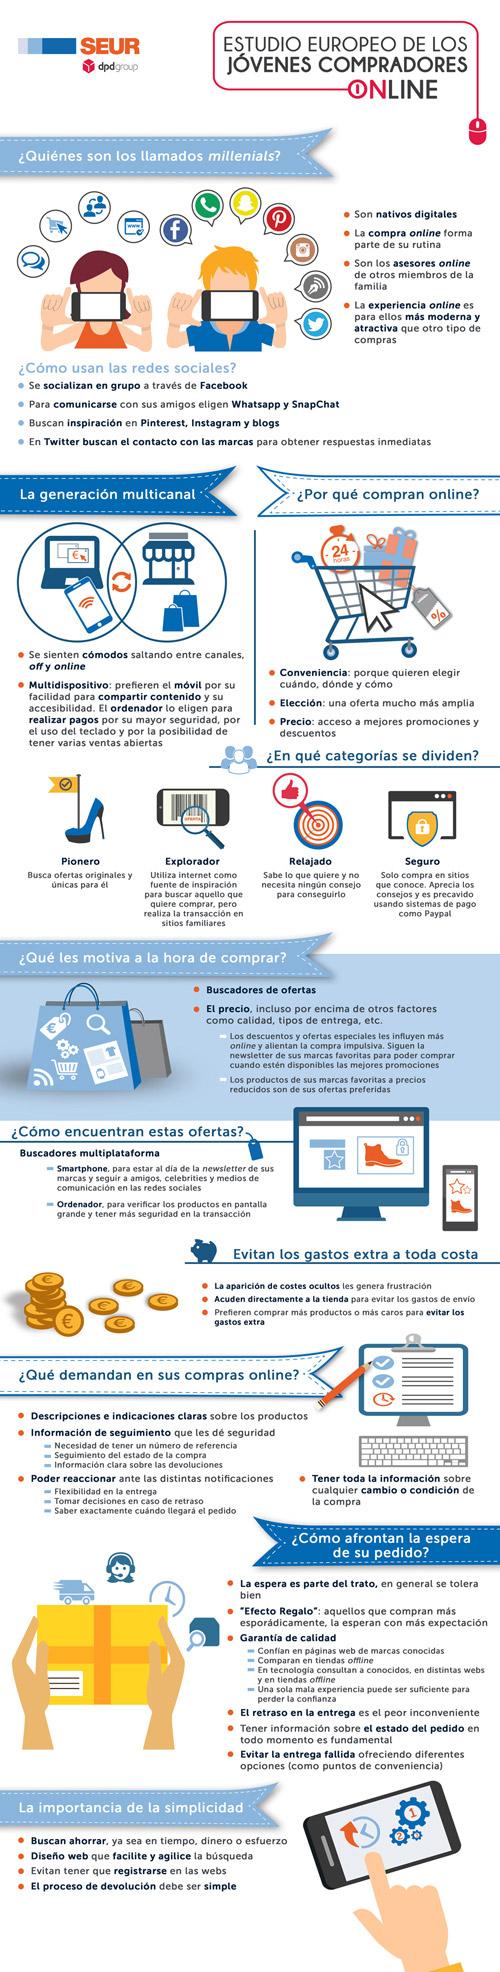 SEUR-infografía-compras-online